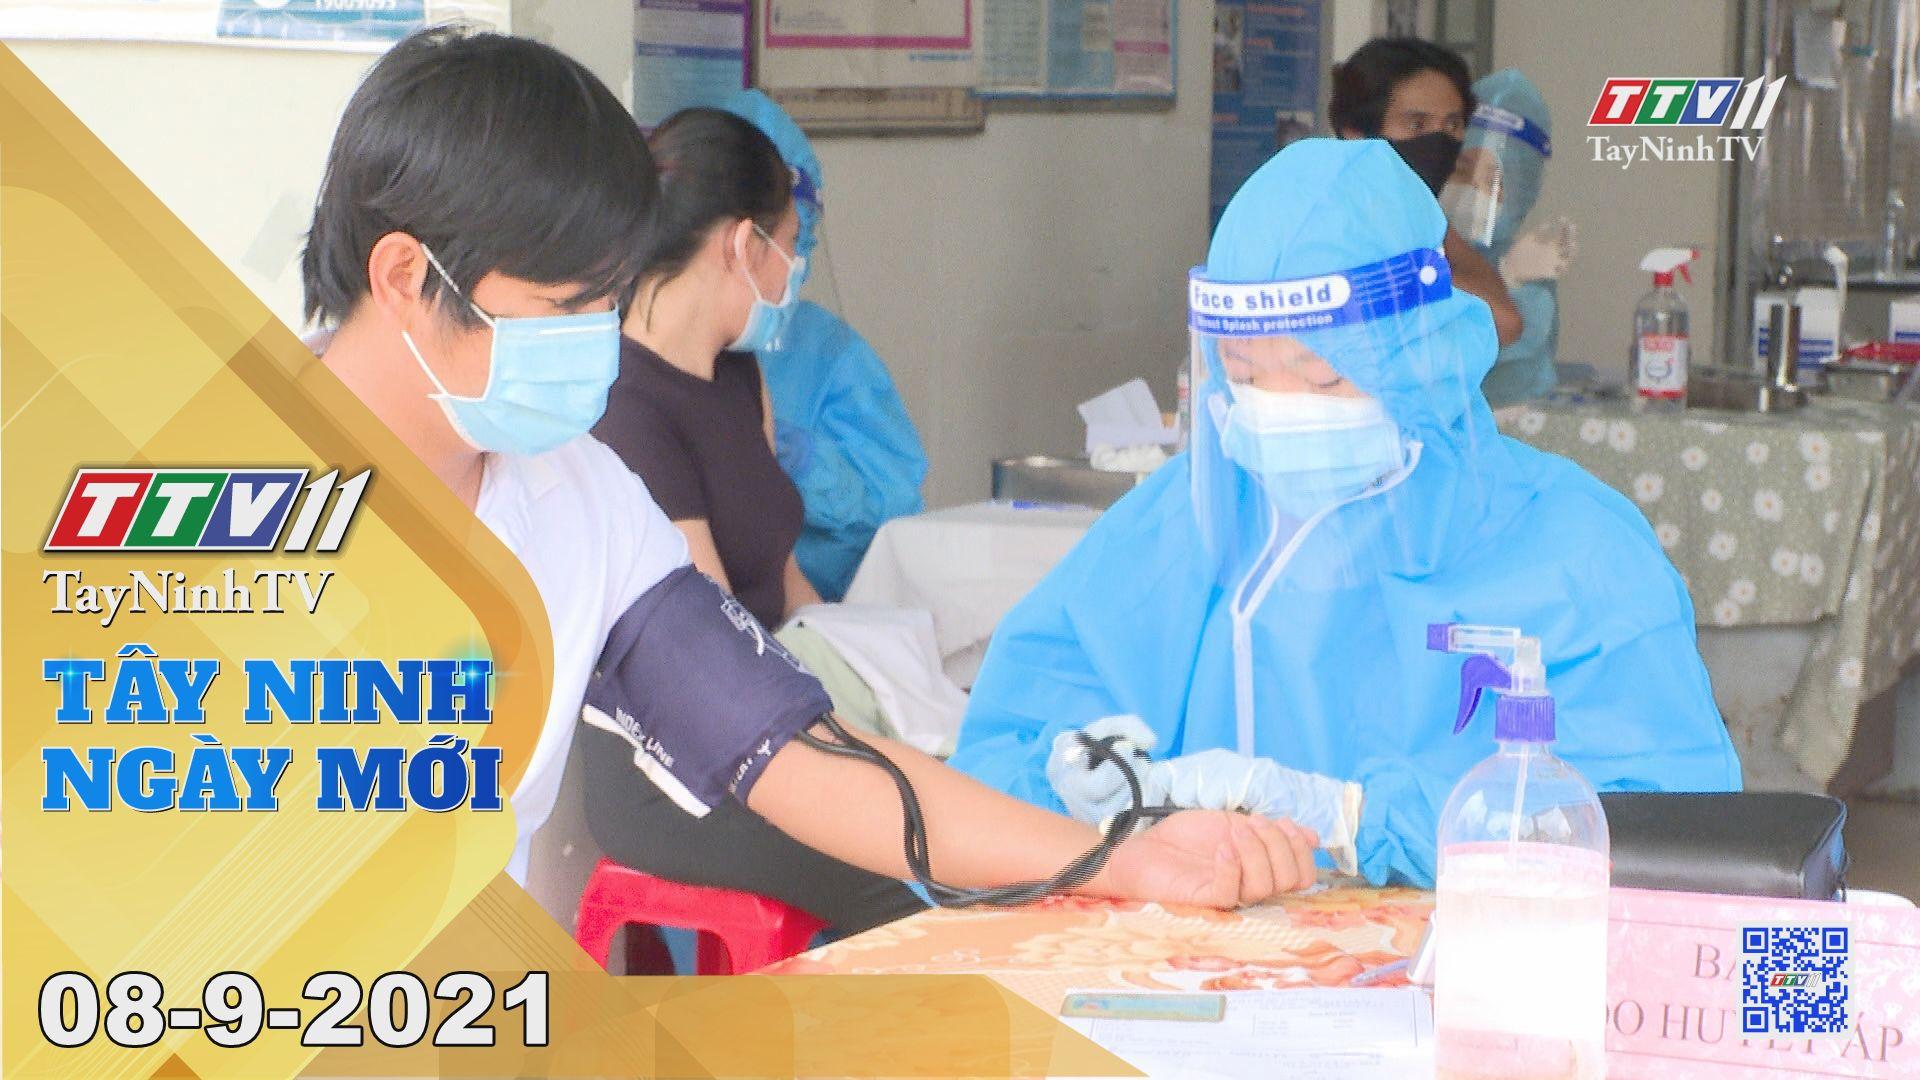 Tây Ninh Ngày Mới 08-9-2021 | Tin tức hôm nay | TayNinhTV